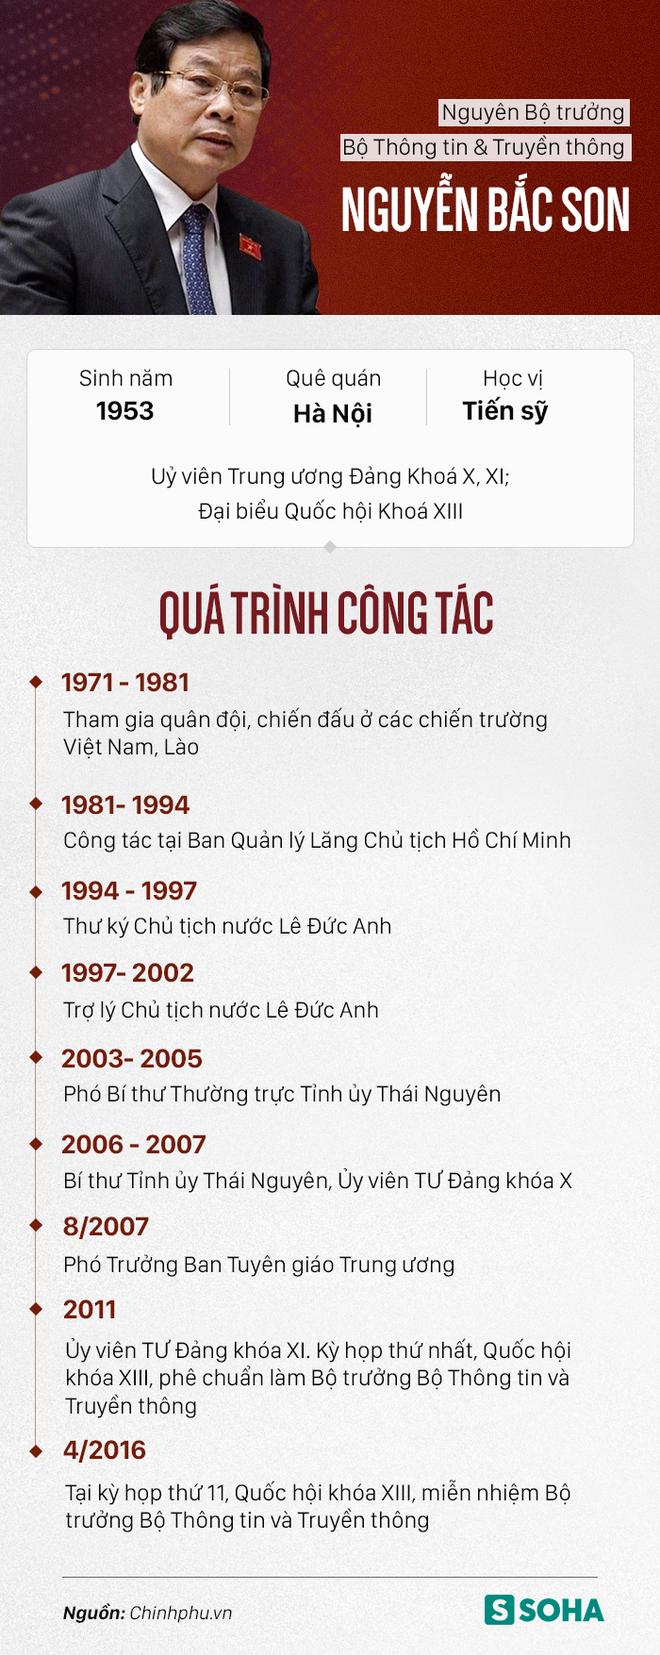 Cách chức Ủy viên Trung ương Đảng khóa XI đối với ông Nguyễn Bắc Son 1